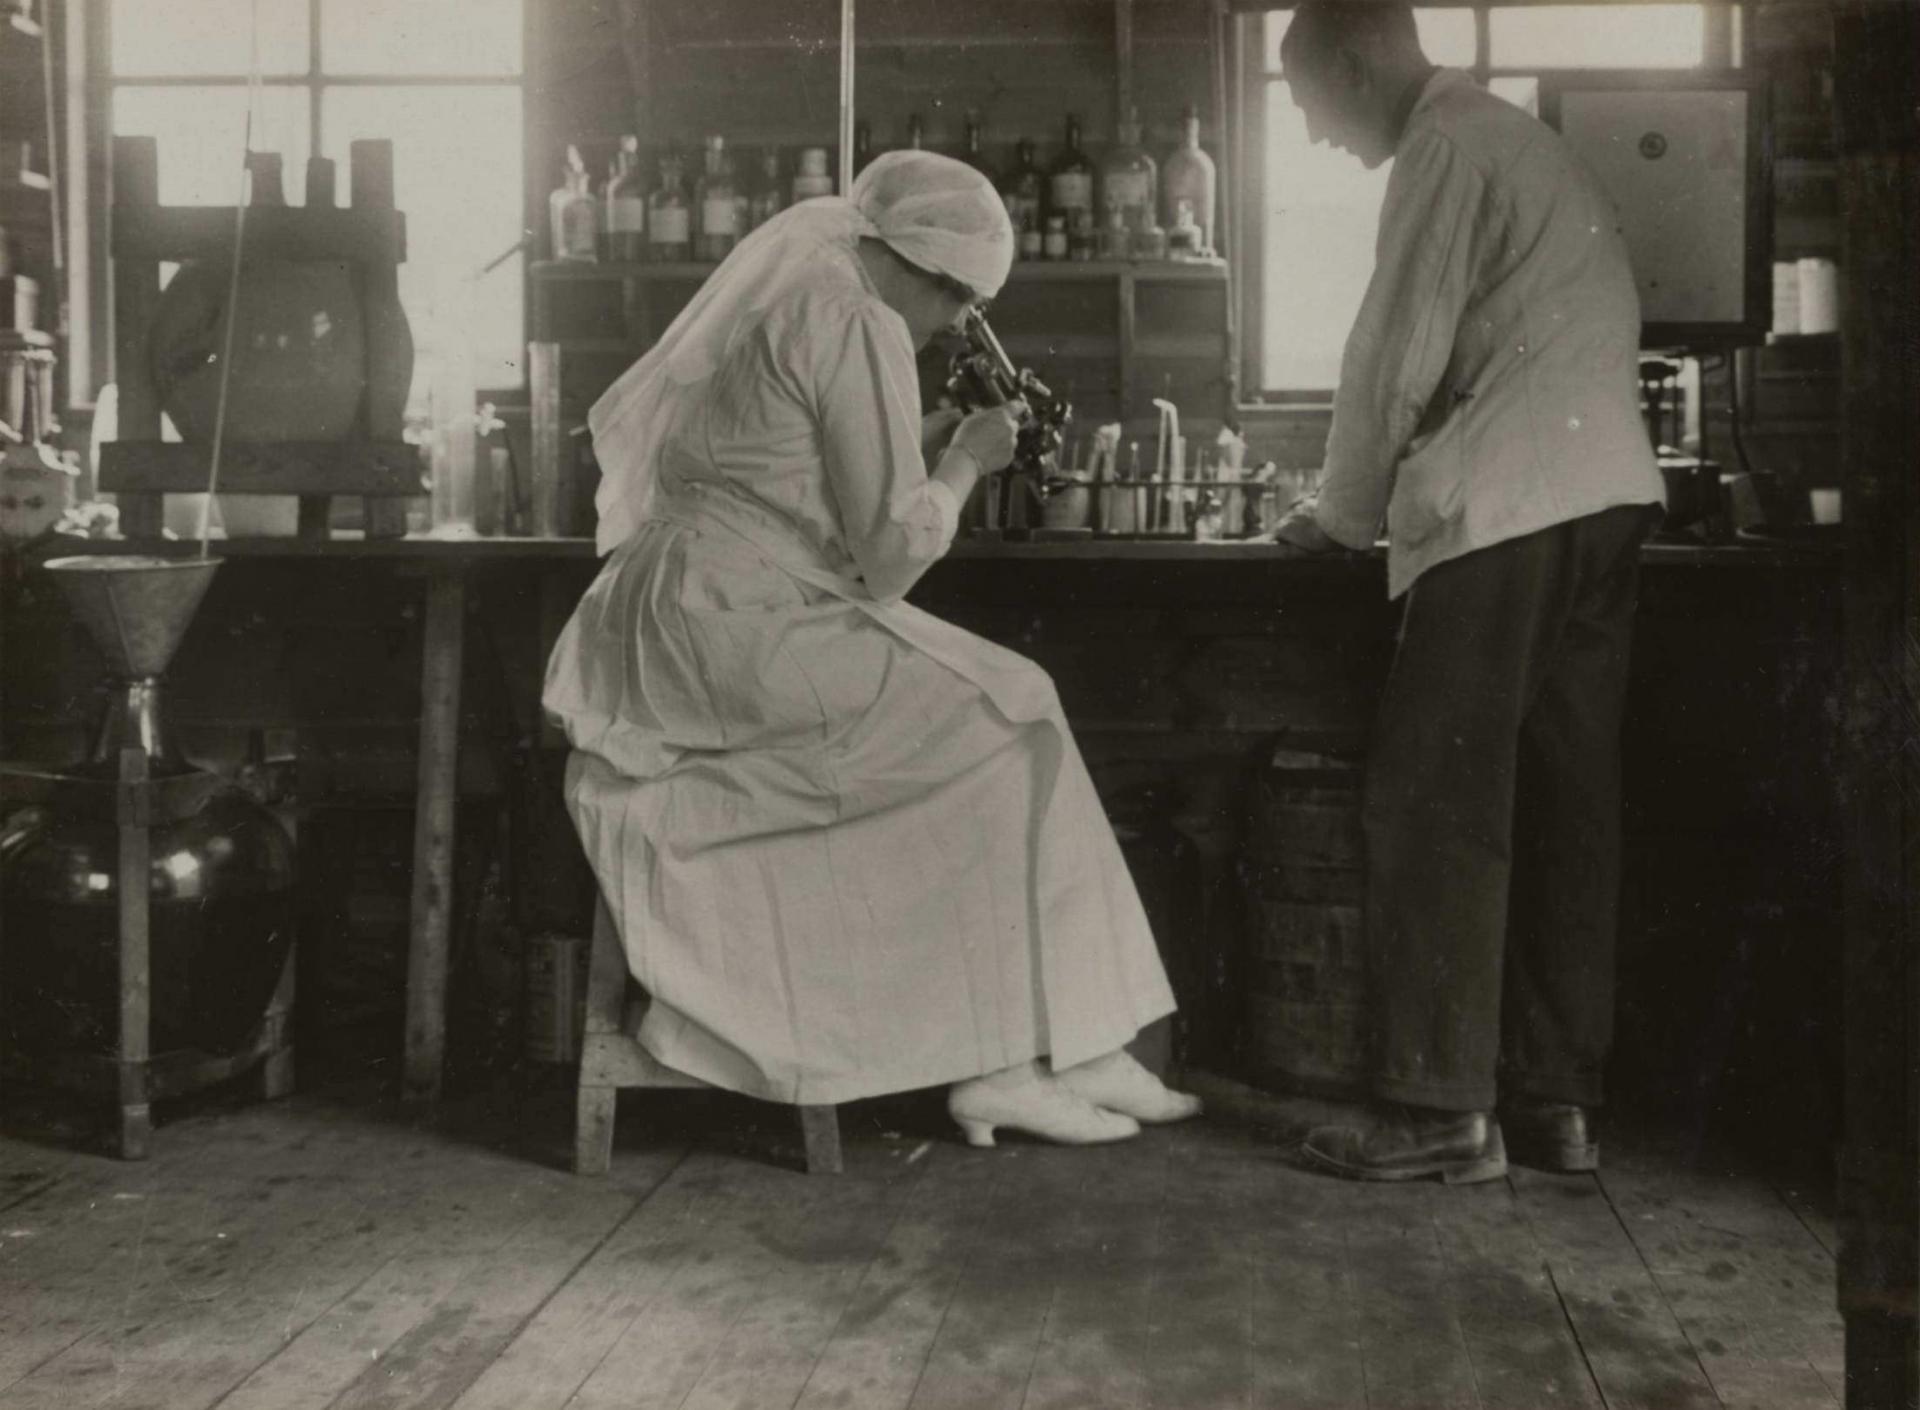 Calais 14 18 juin 1917 hopital de la duchesse de sutherland la duchesse et son secretaire ww1